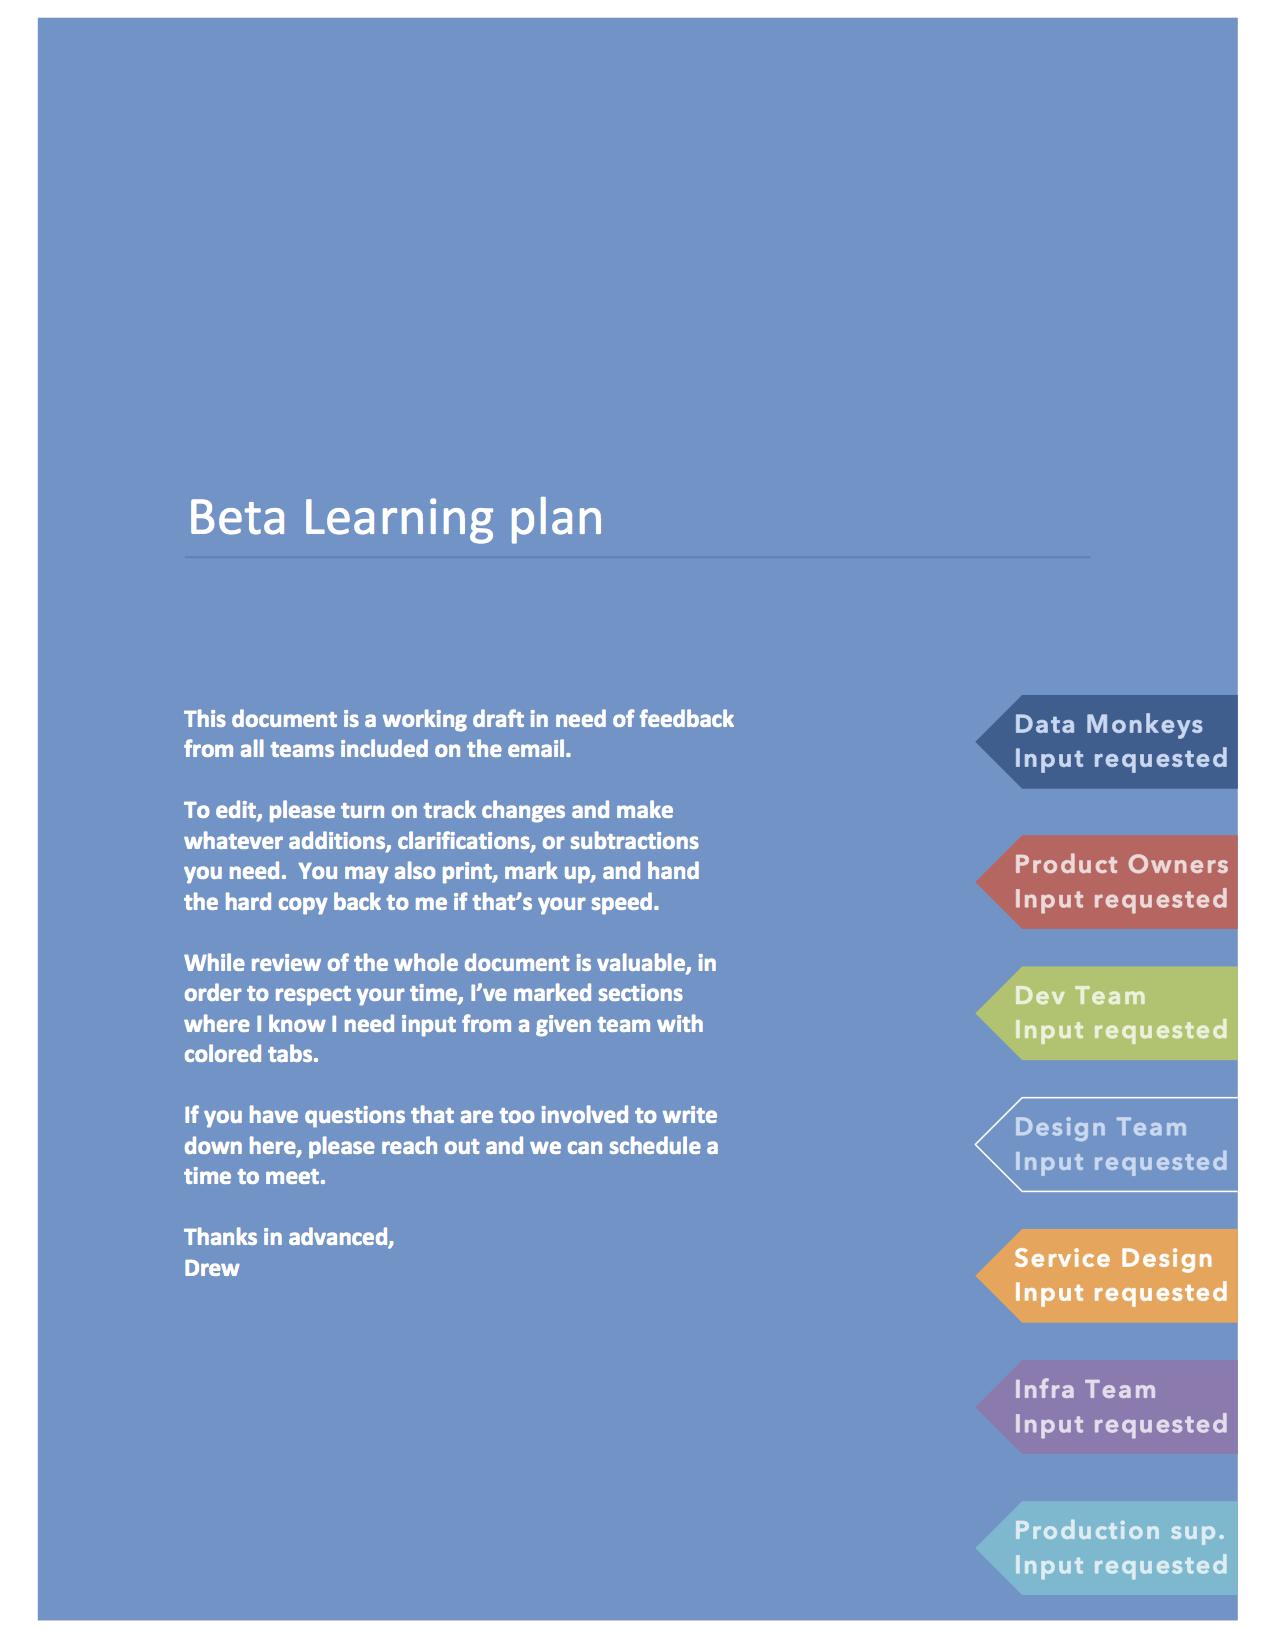 Beta Learning Plan (redacted).png